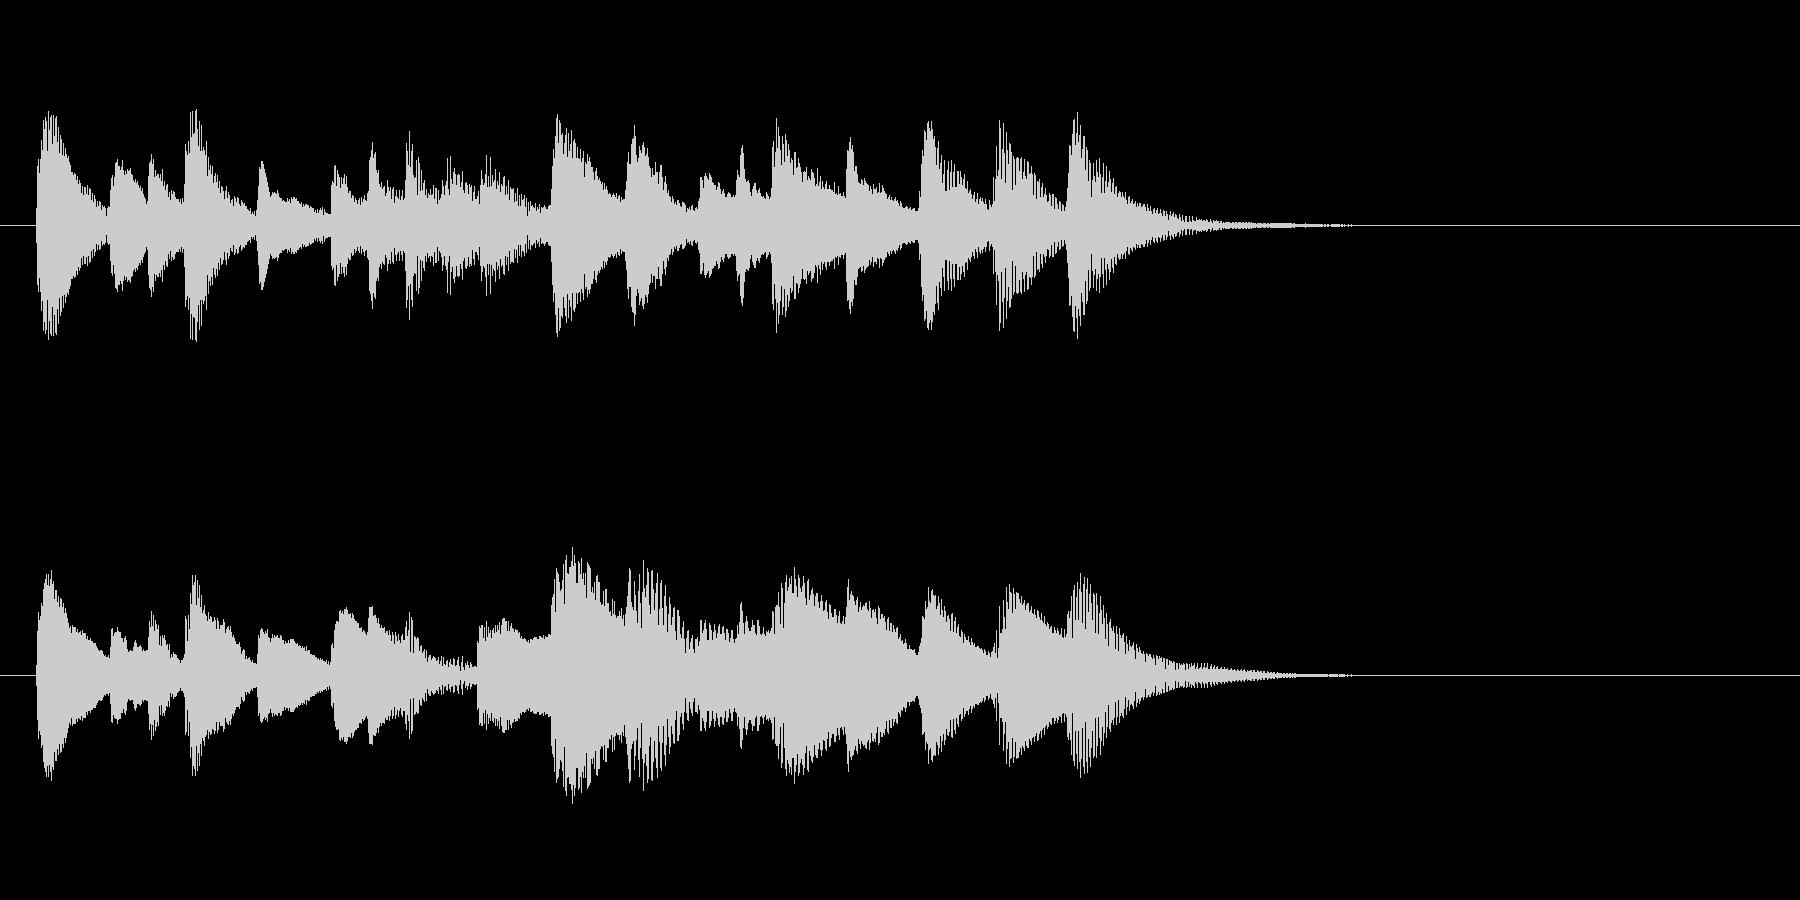 ほのぼの可愛いお料理木琴マリンバ三重奏の未再生の波形